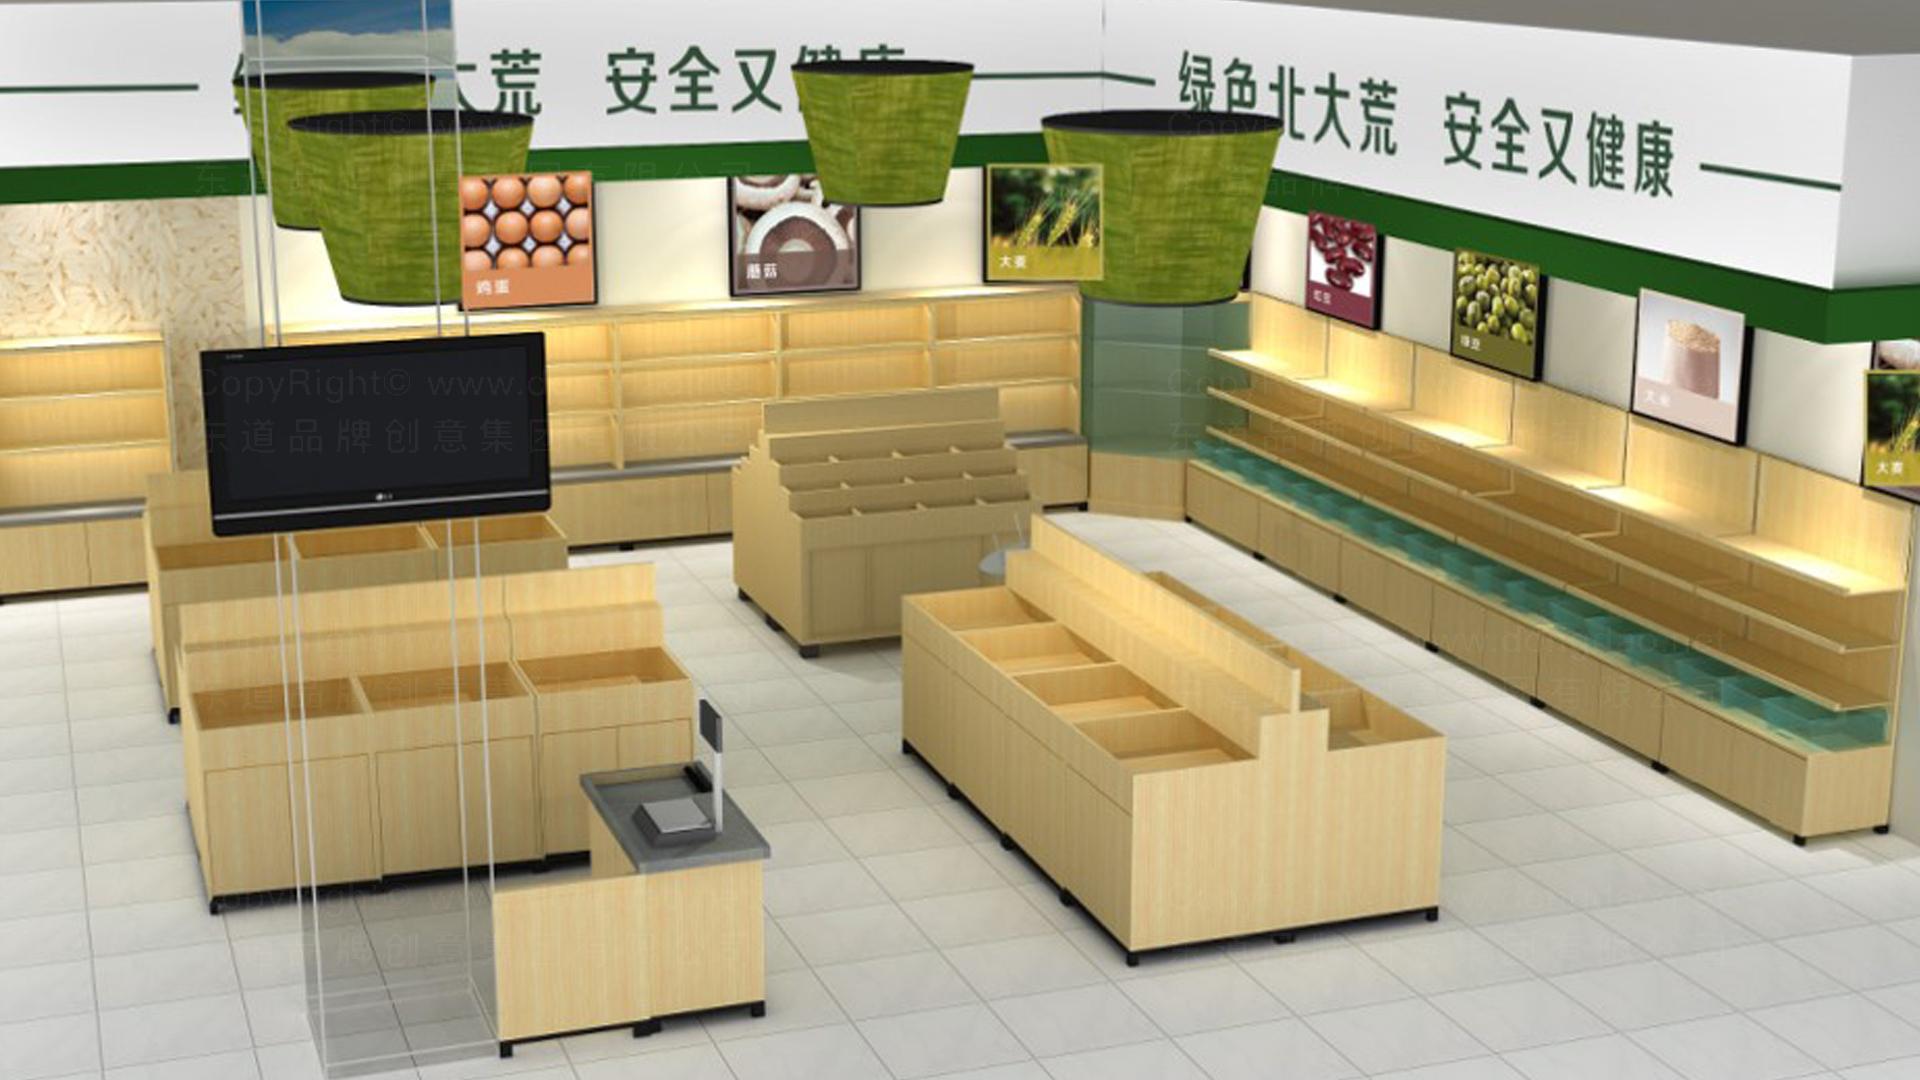 零售购物商业空间&导示谷兴源SI设计